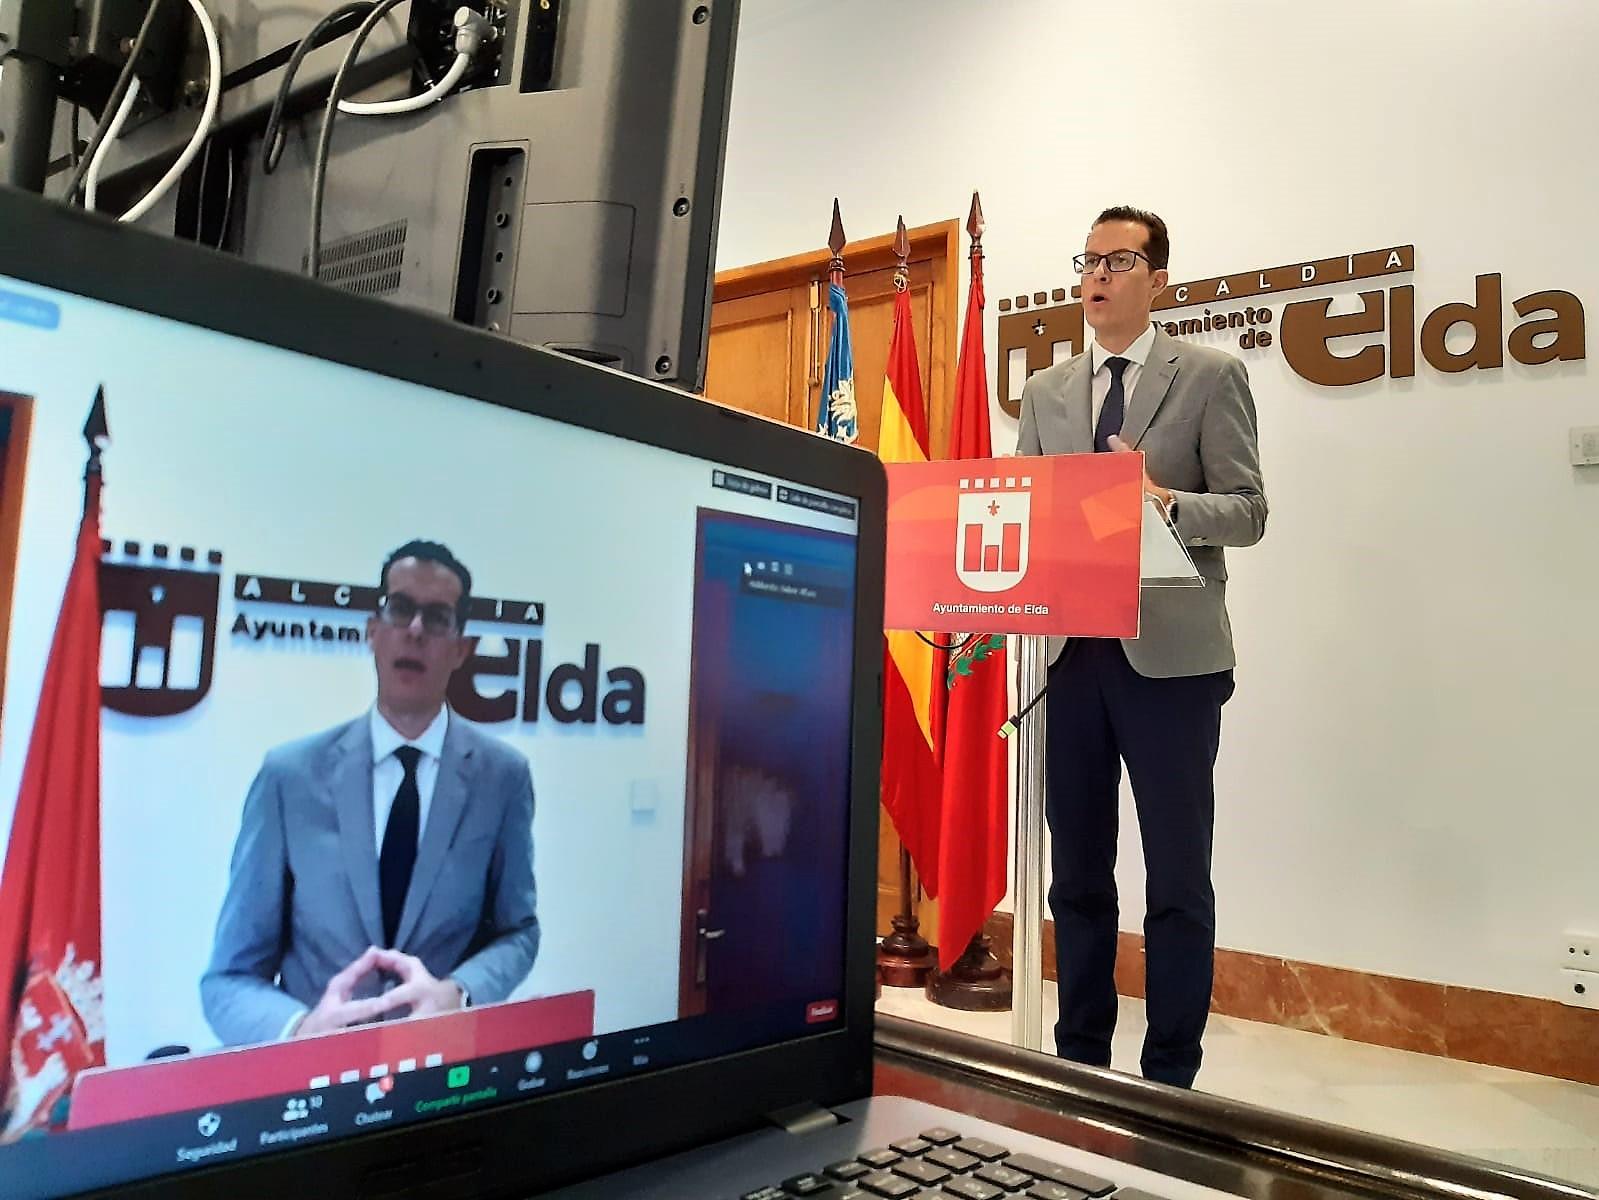 El Ayuntamiento de Elda destina cerca de 775.000 euros a ayudas sociales para más de 1.000 familias eldenses afectadas por la crisis sanitaria